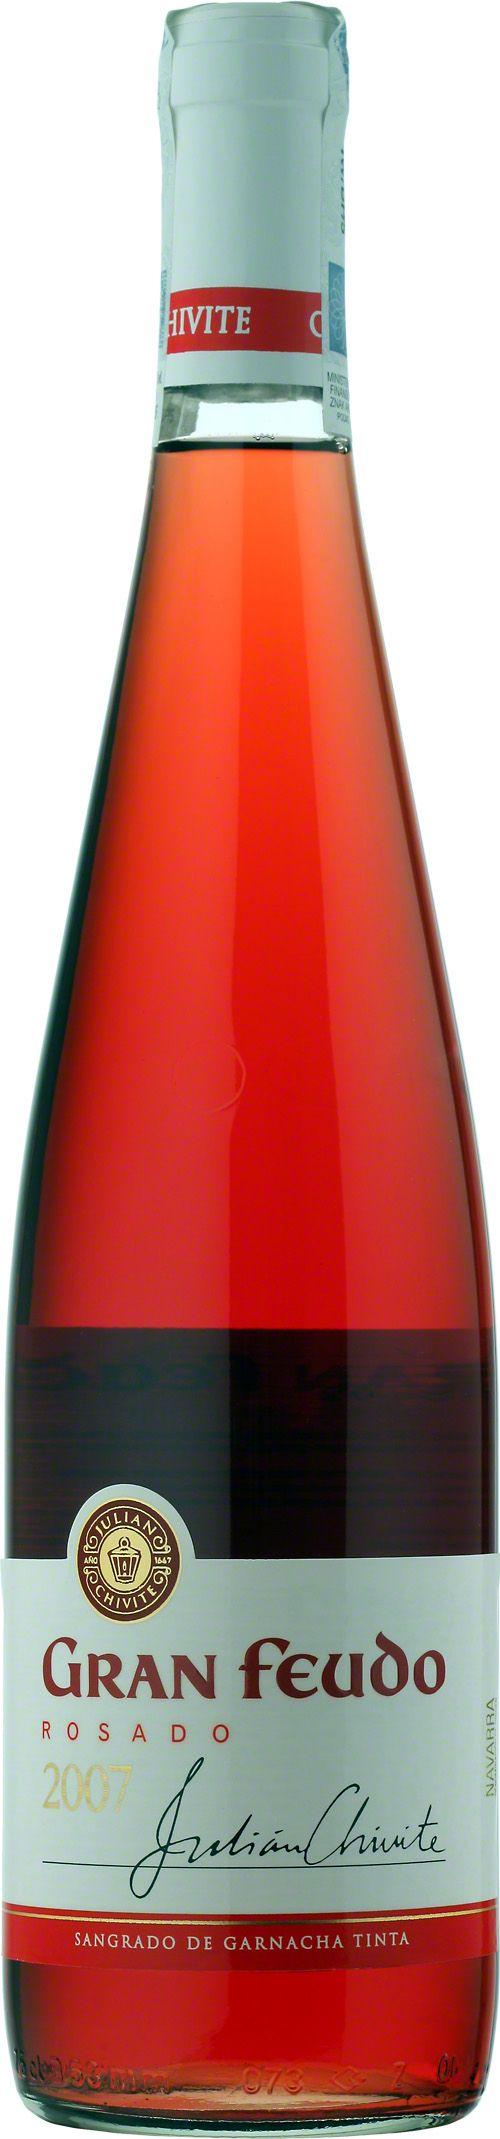 Chivite Gran Feudo Rosado Navarra D.O. Rose z regionu Navarra, oparte na szczepie Garnacha. Truskawkowo-poziomkowy nos, z rześką kwasowością. Mocna struktura nie oprze się mocniejszym potrawom mięsnym. #Chivite #GranFeudo #Rosado #Navarra #Hiszpania #Wino #Winezja #Granacha